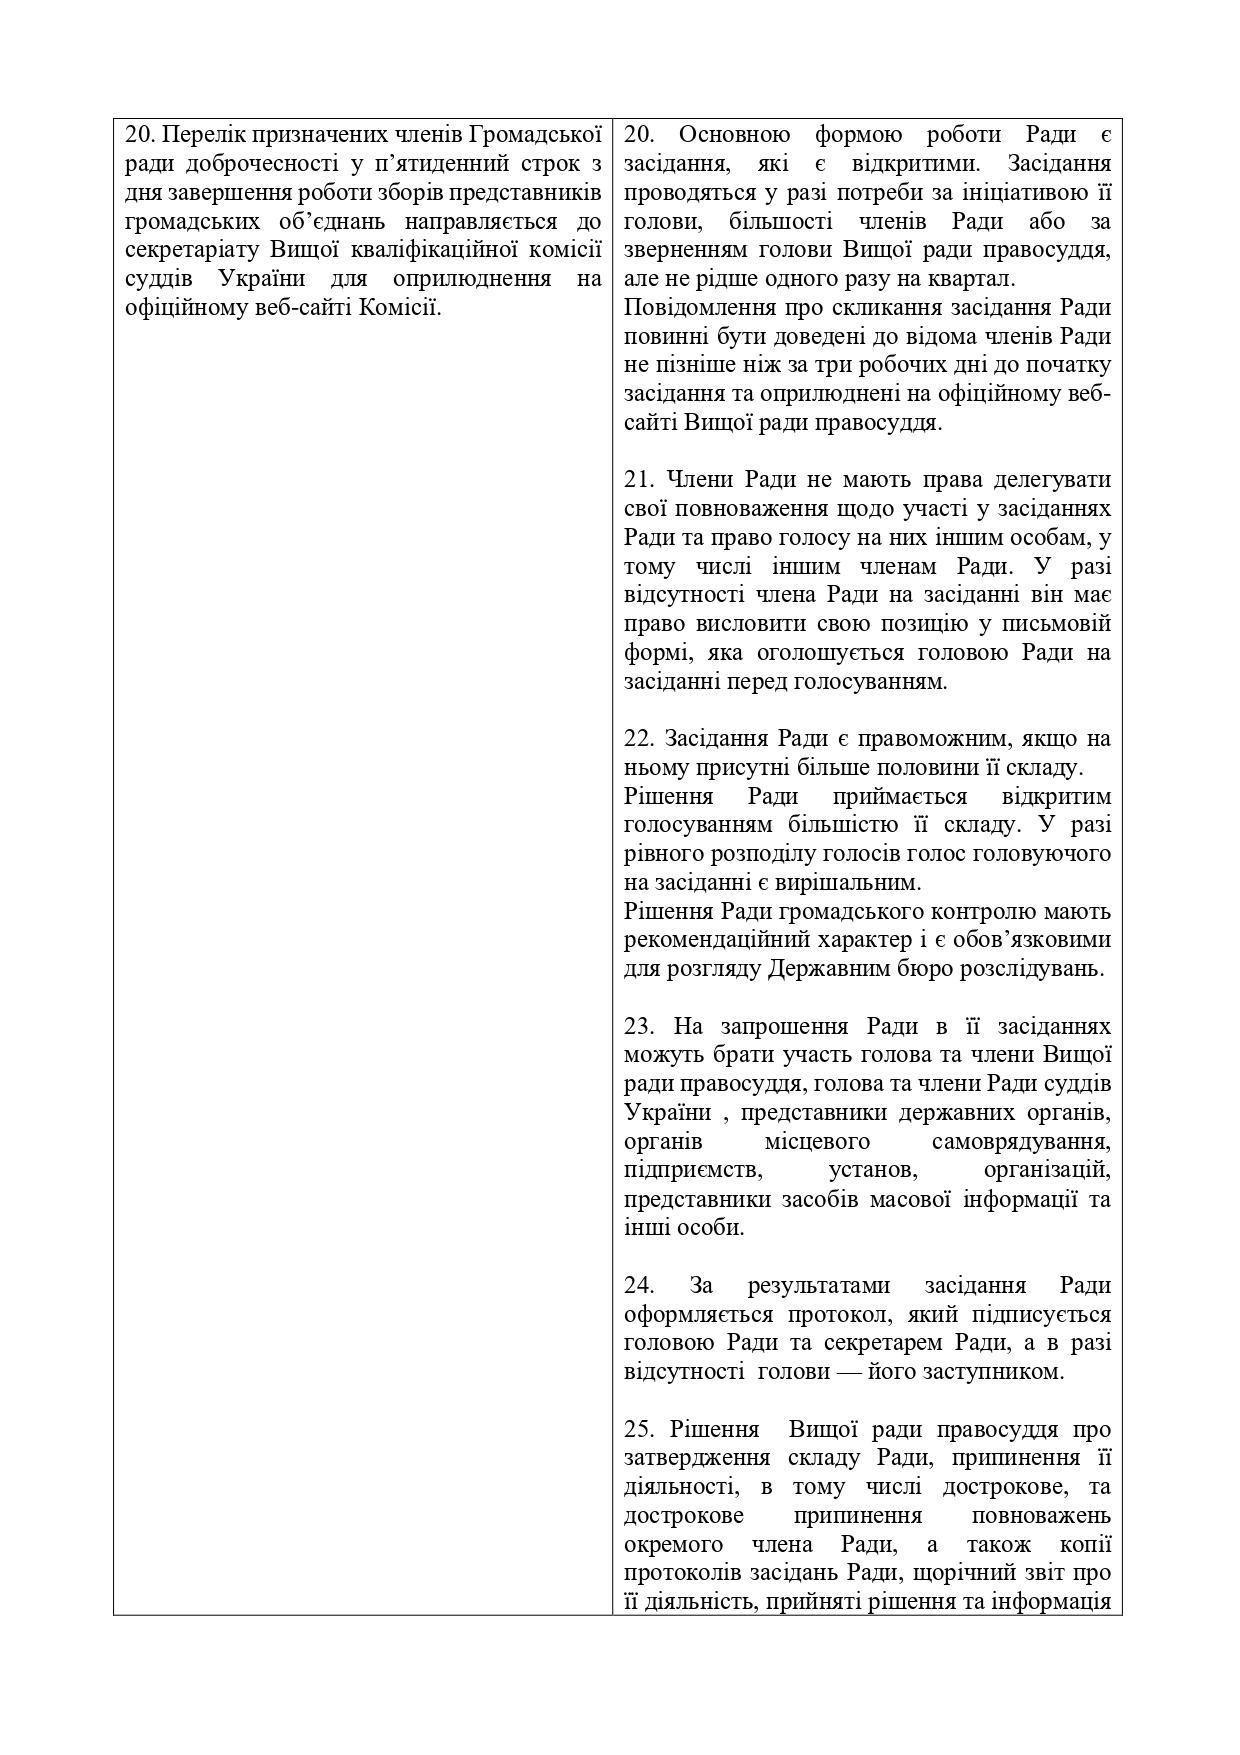 Висновок-АРССУ-щодо-№ 3534-21.07.2020_page-0027